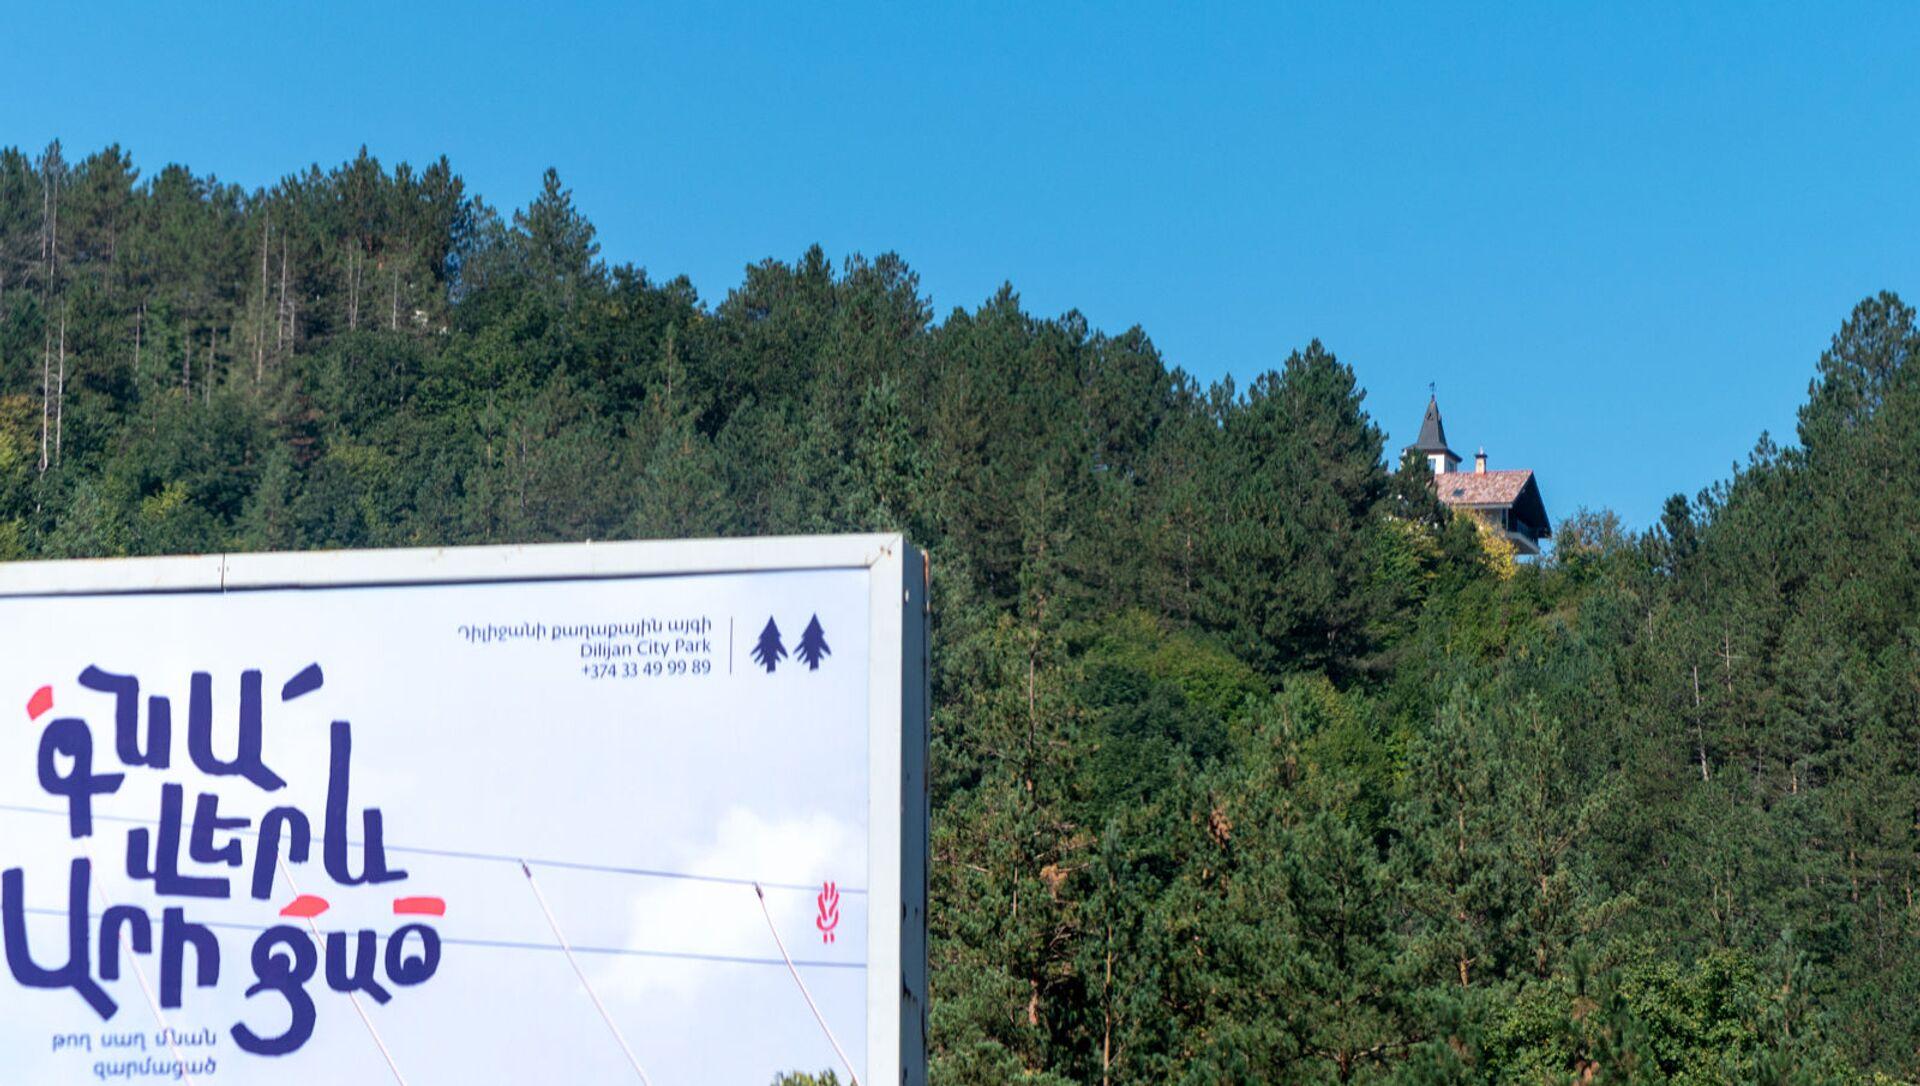 Крыша отеля Альпийский замок в Дилижане - Sputnik Արմենիա, 1920, 04.08.2021